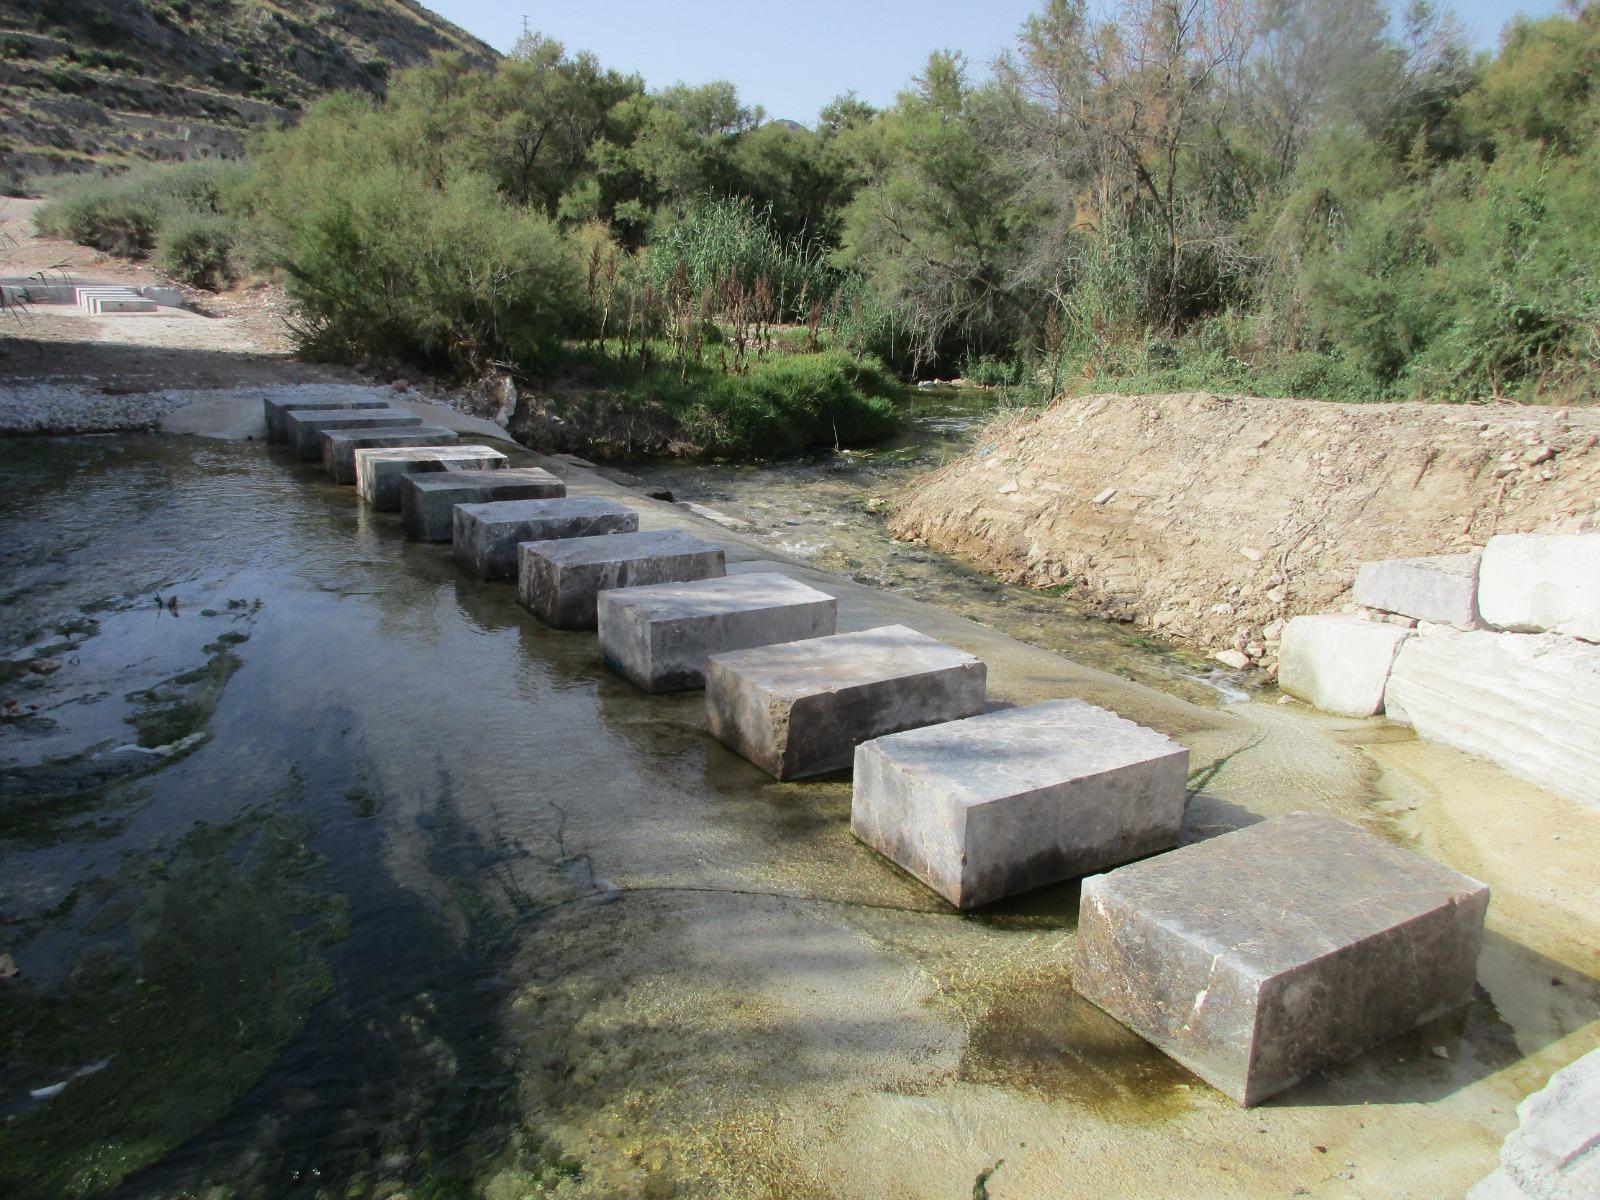 El Ayuntamiento de Elda rehabilita un paso natural del río Vinalopó desaparecido tras las lluvias torrenciales